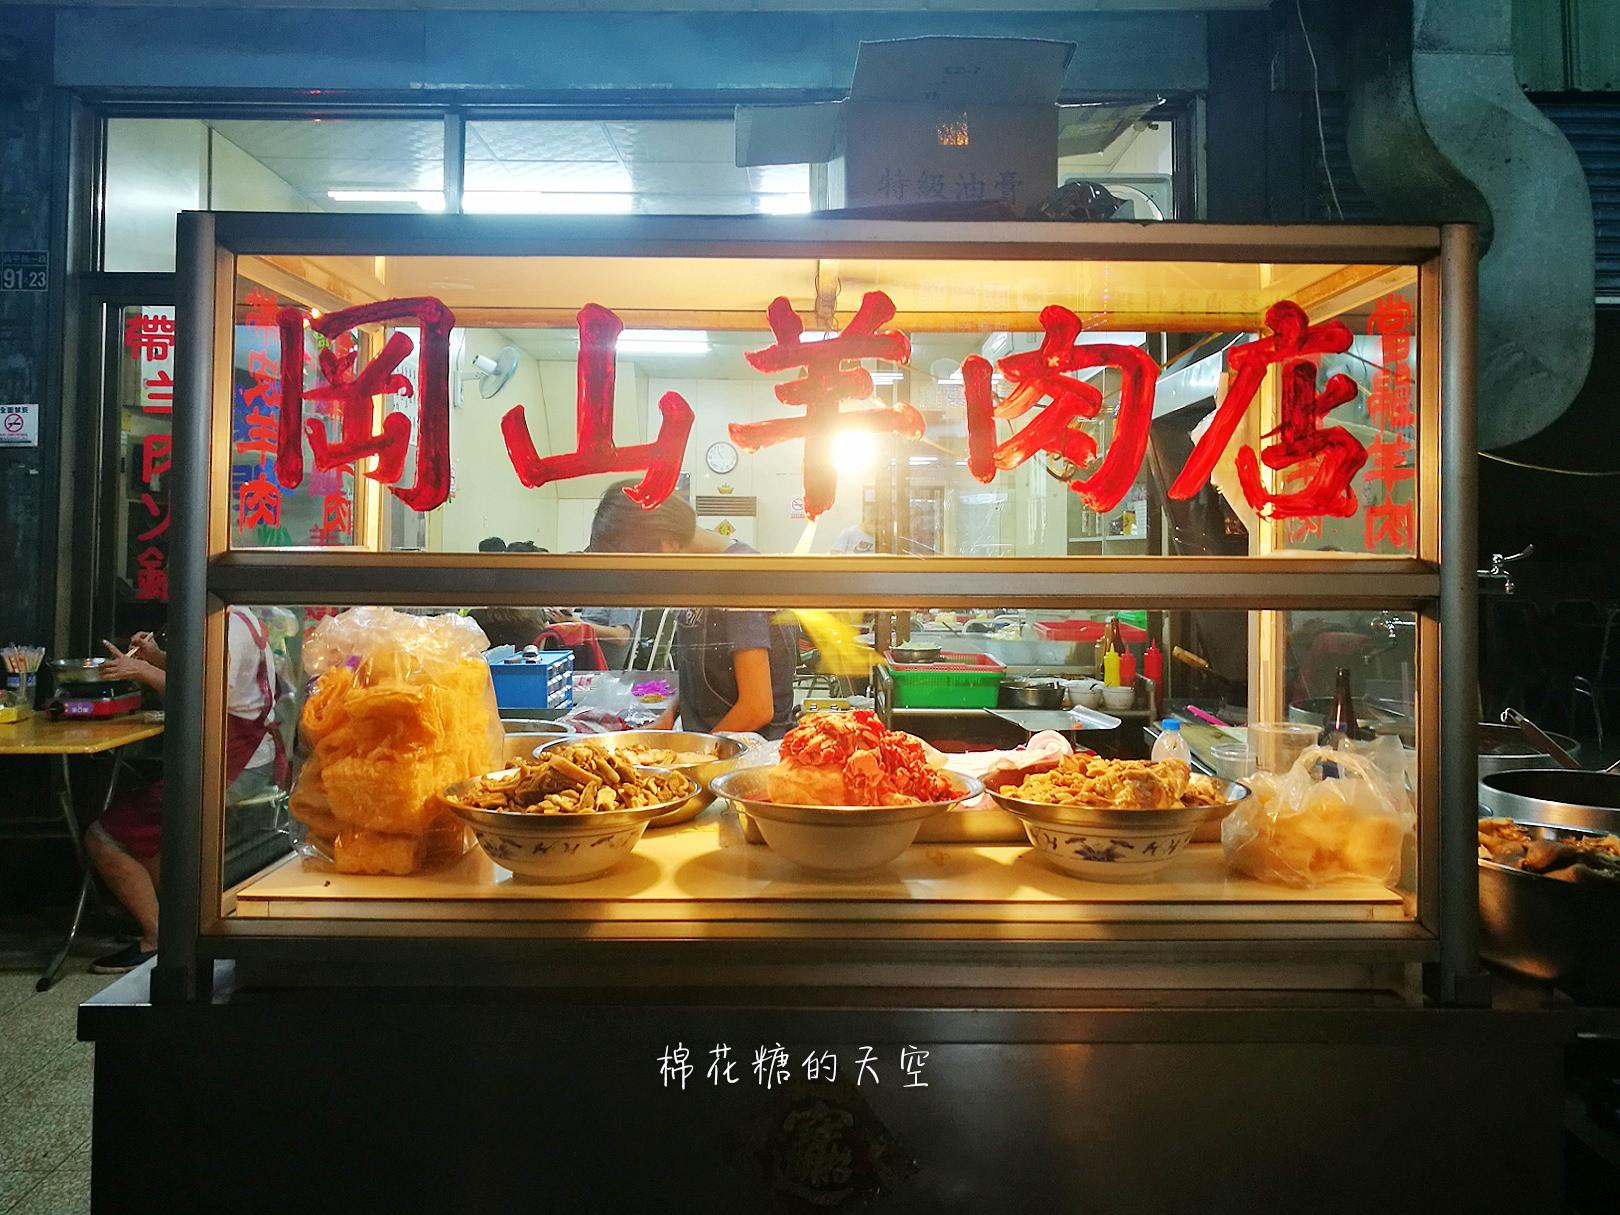 台中北屯昌平路宵夜街老店-正宗呂岡山羊肉不只羊肉爐美味,隱藏版限量白切羊肉好好味